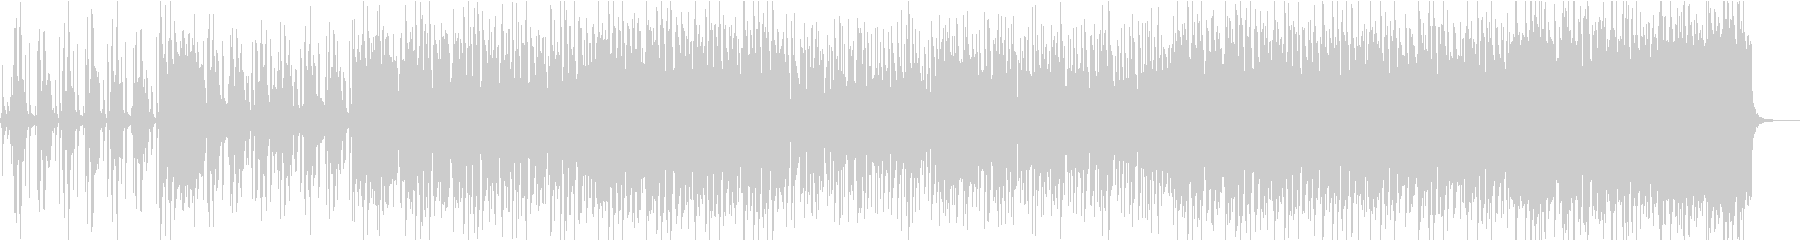 ファンキーでパンチの効いたビッグバンドの未再生の波形